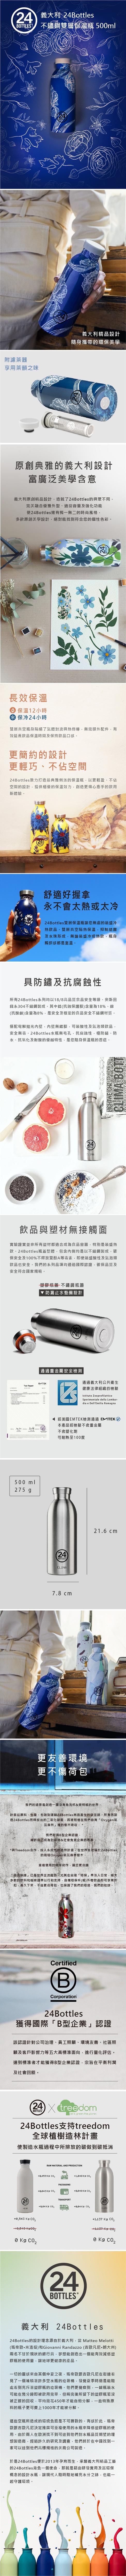 (複製)義大利 24Bottles|不鏽鋼雙層保溫瓶 500ml (附濾茶器) - 透視